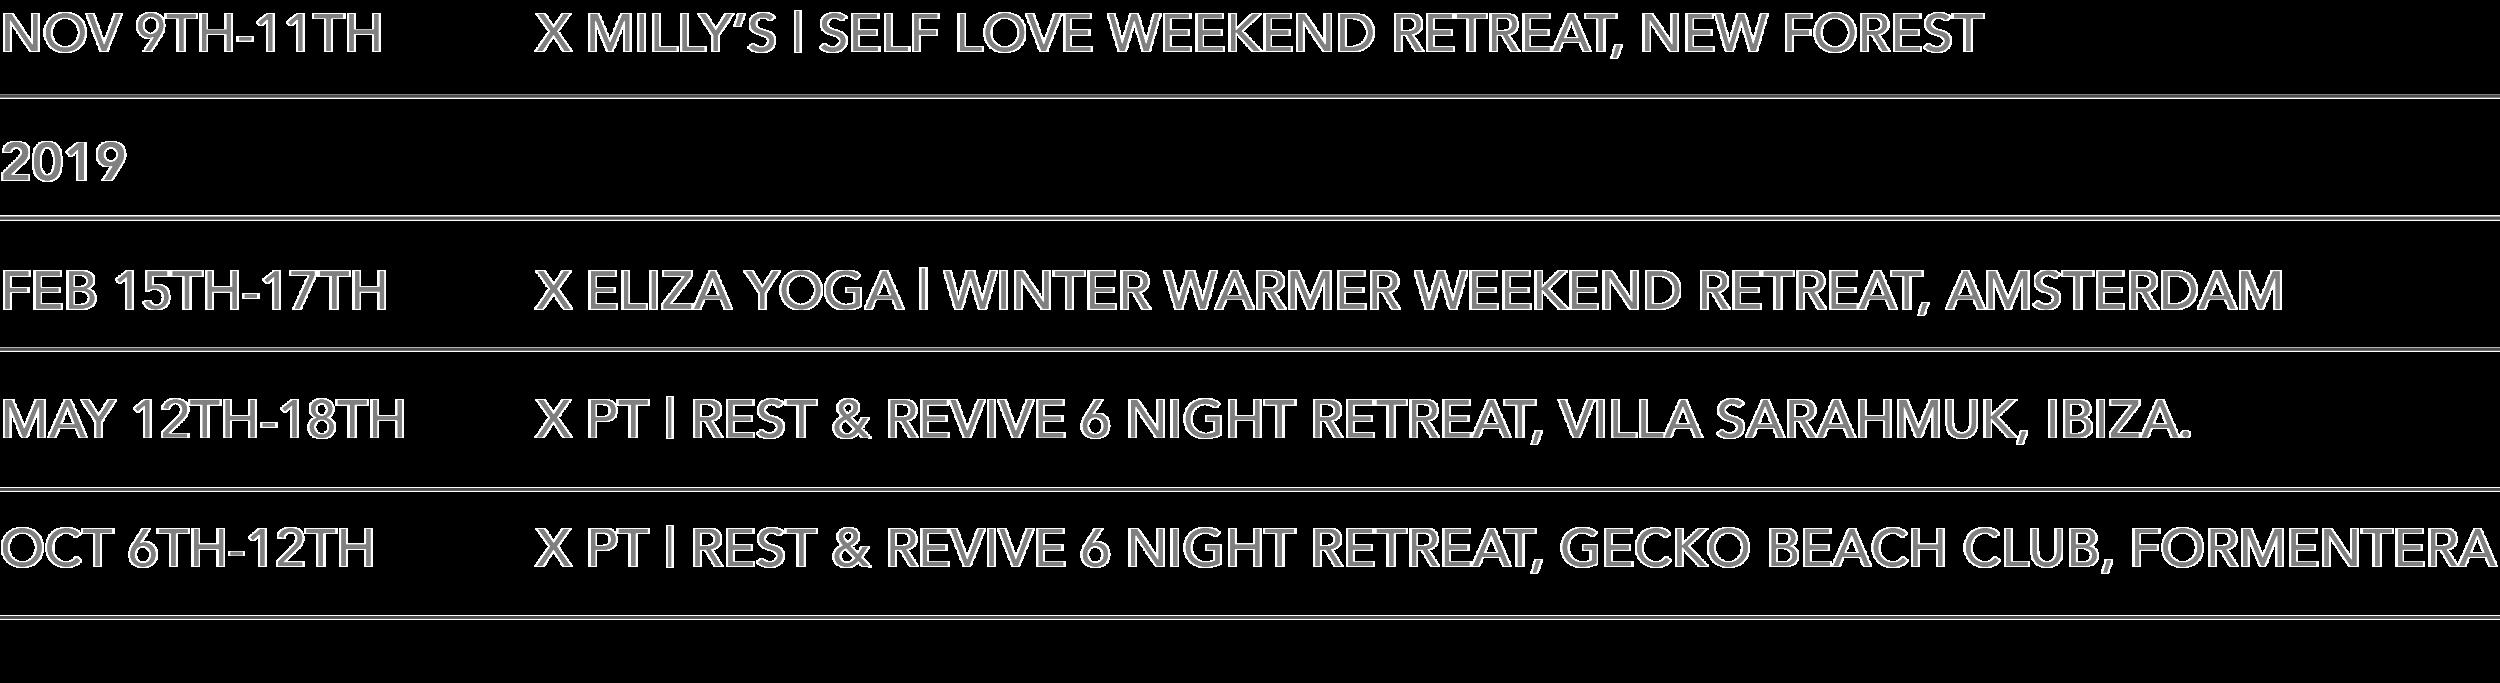 tsi_wellness retreats.png